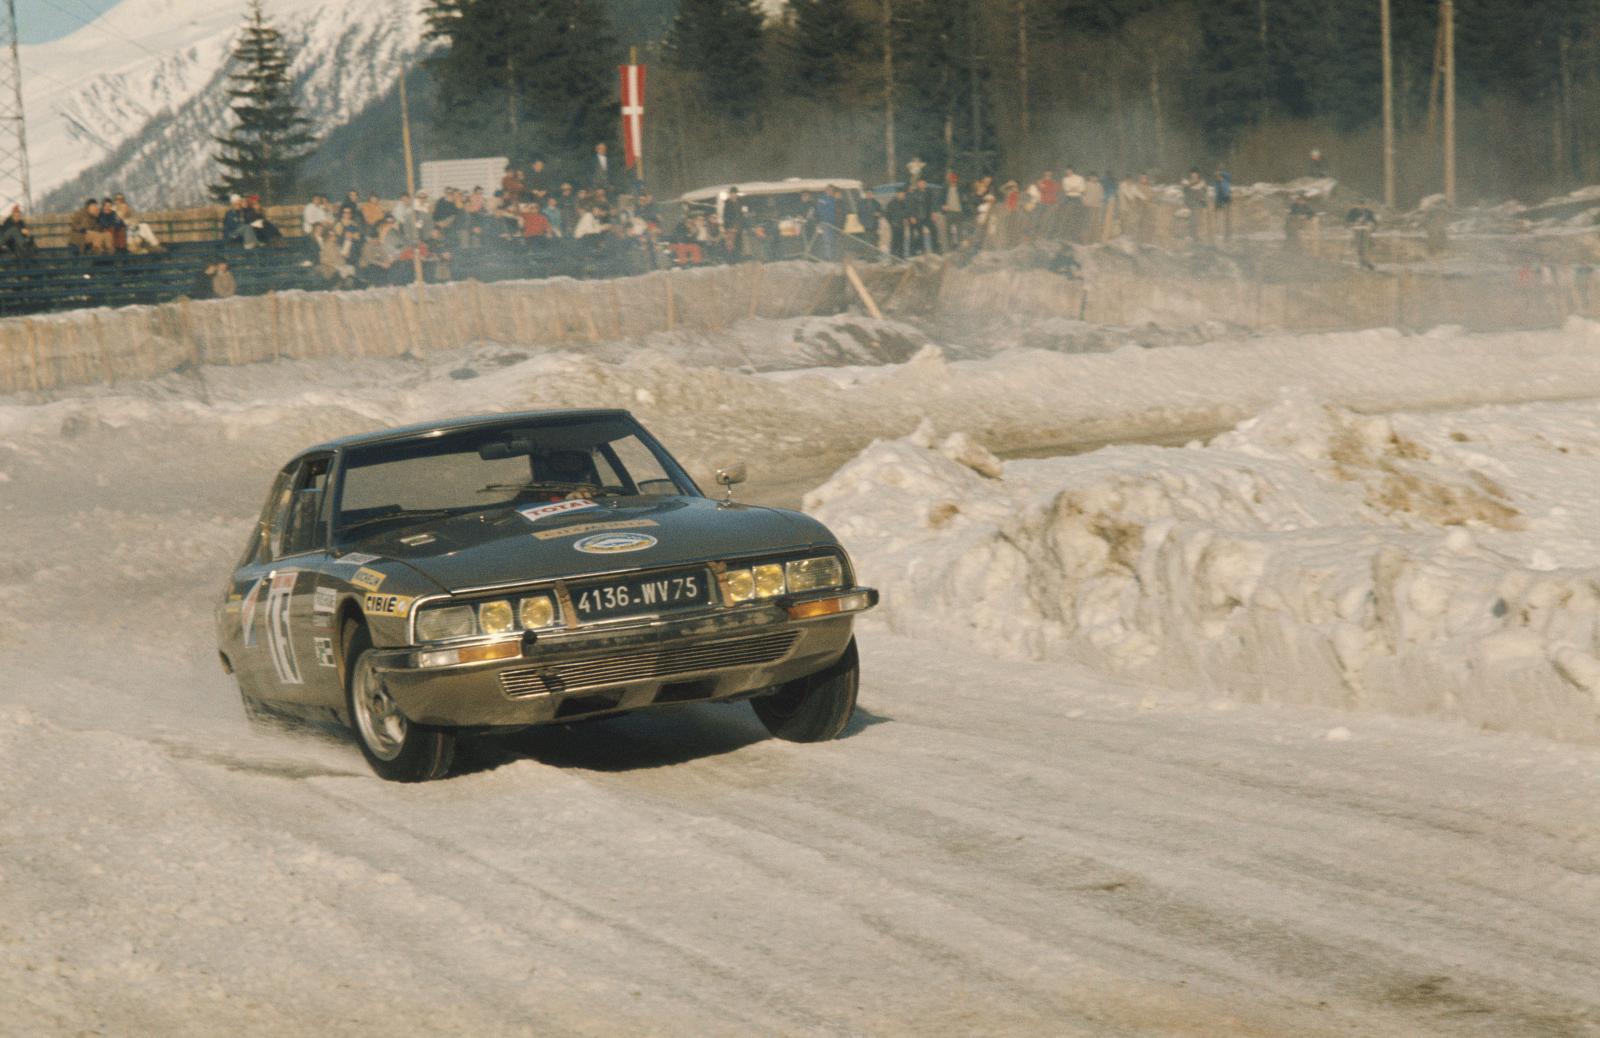 Ronda de inverno em Chamonix - SM - 1972